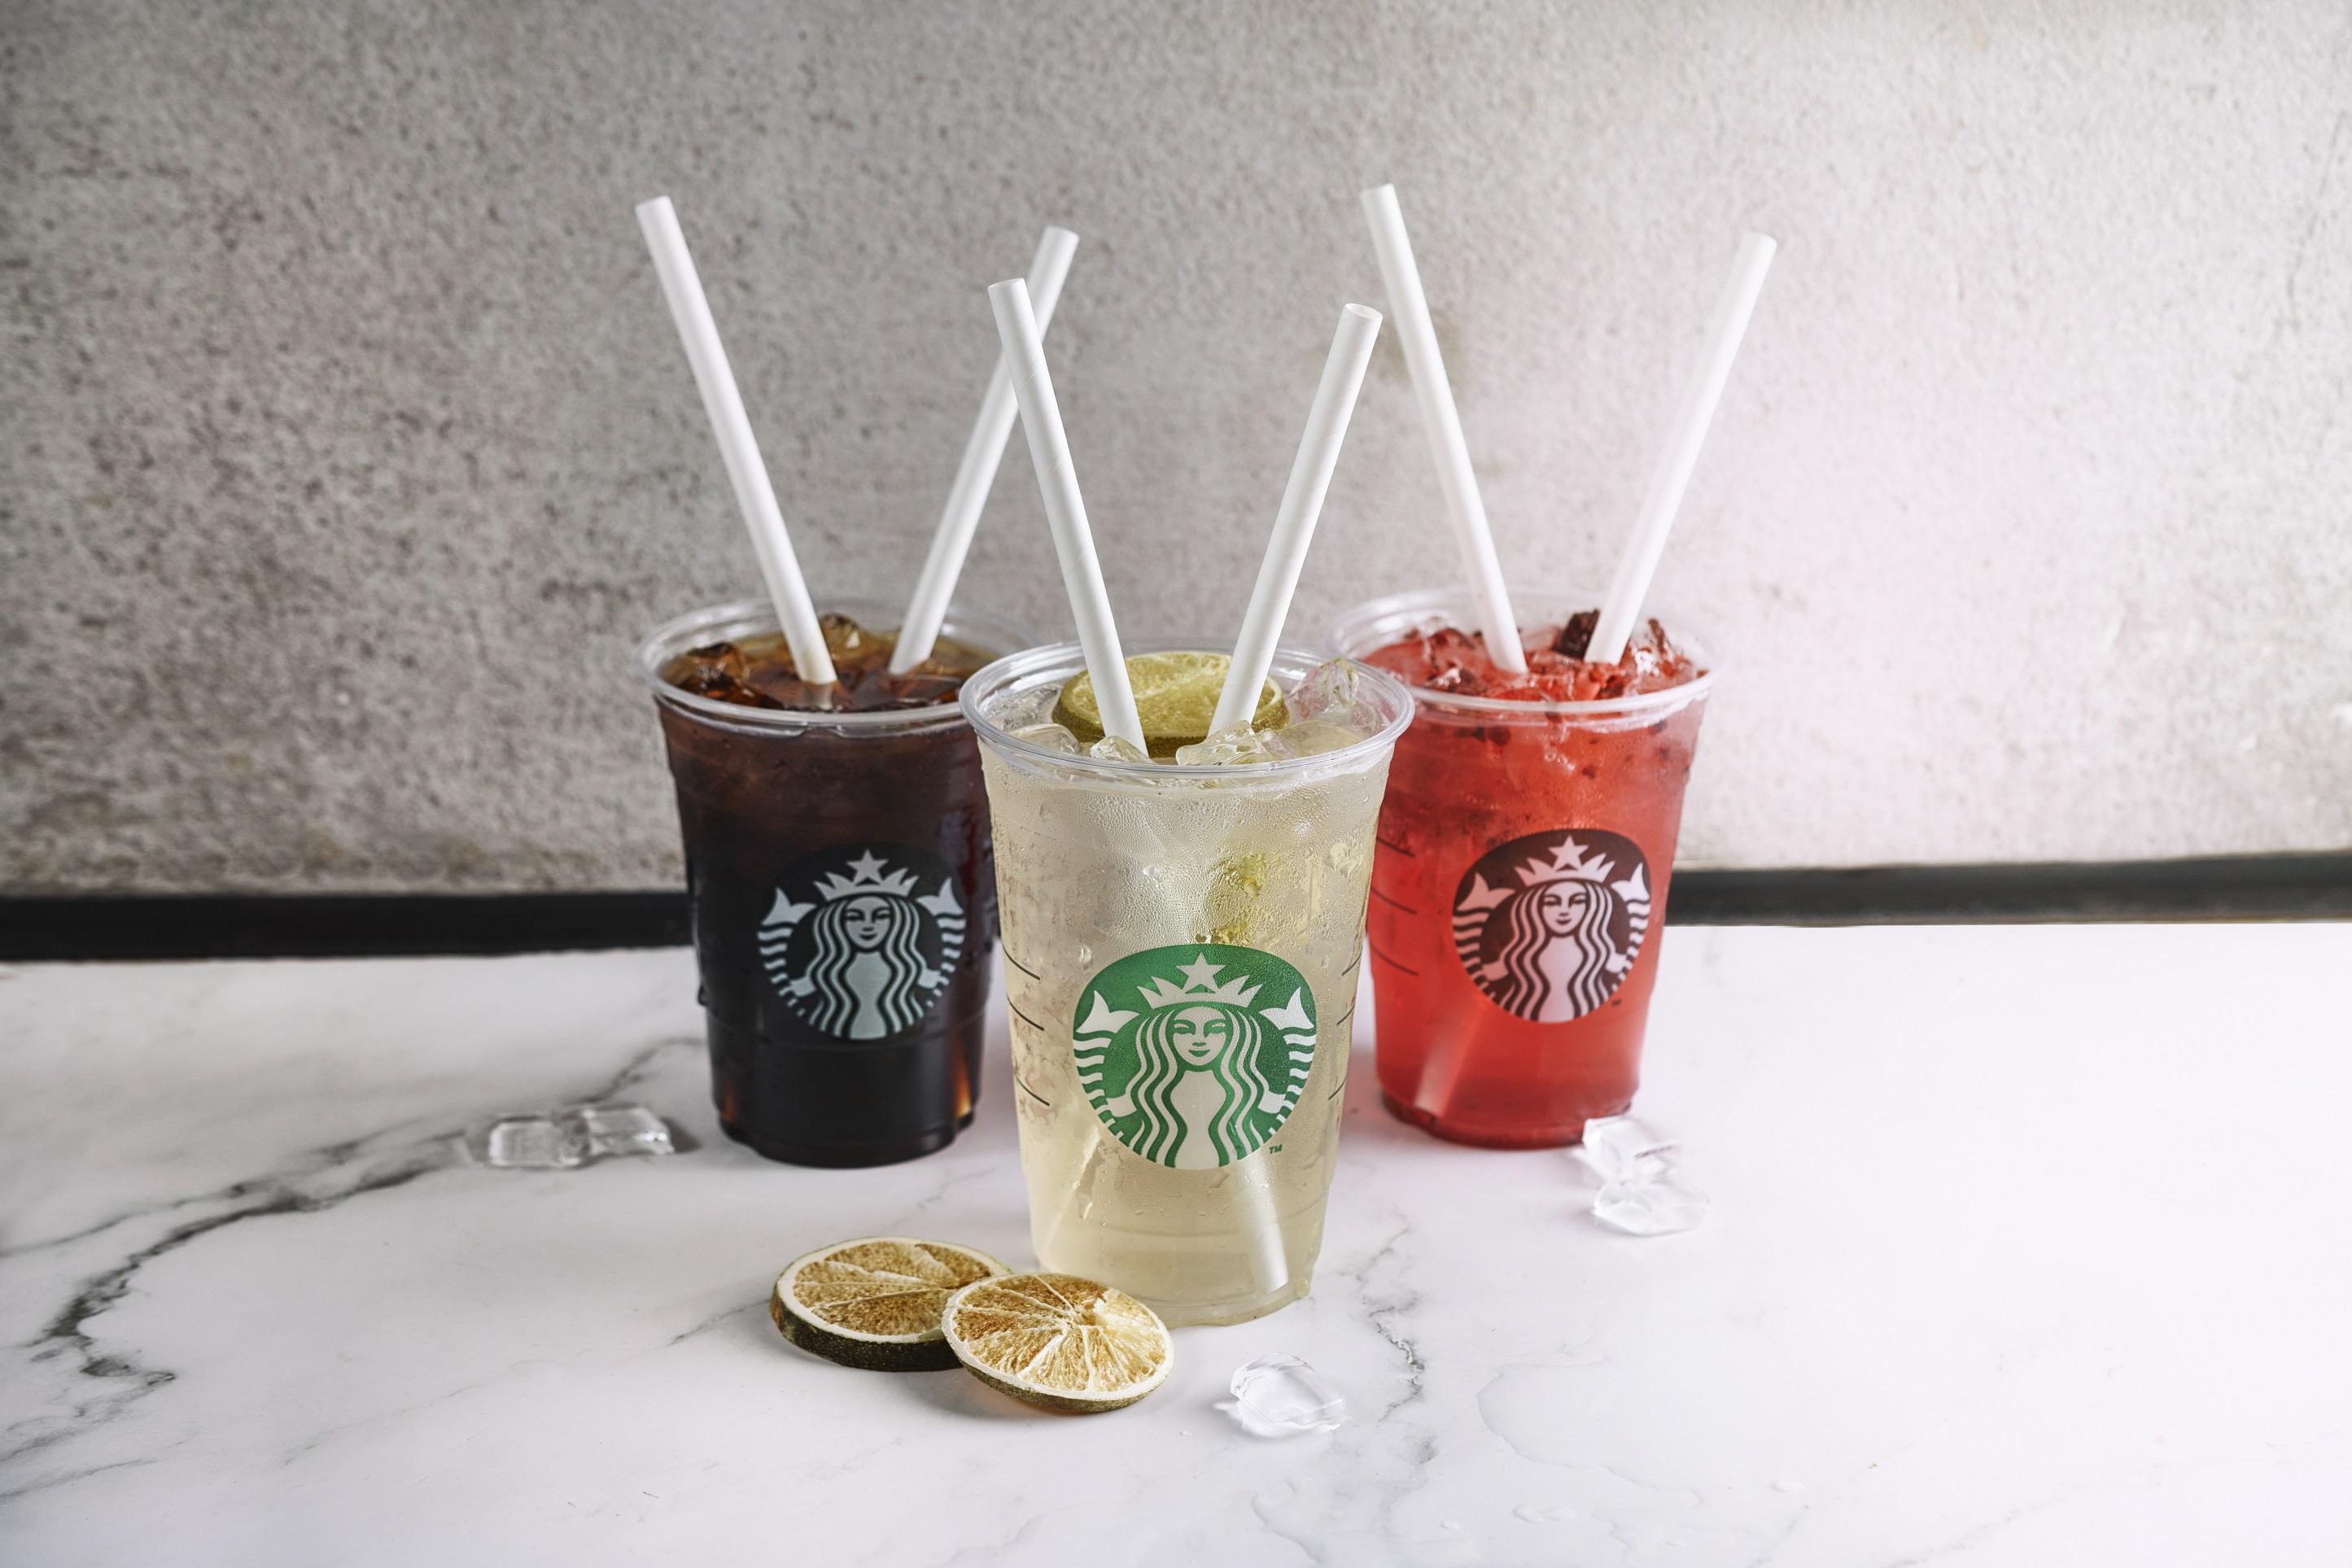 Starbucks'da Artık Sadece Kağıt Pipet Var